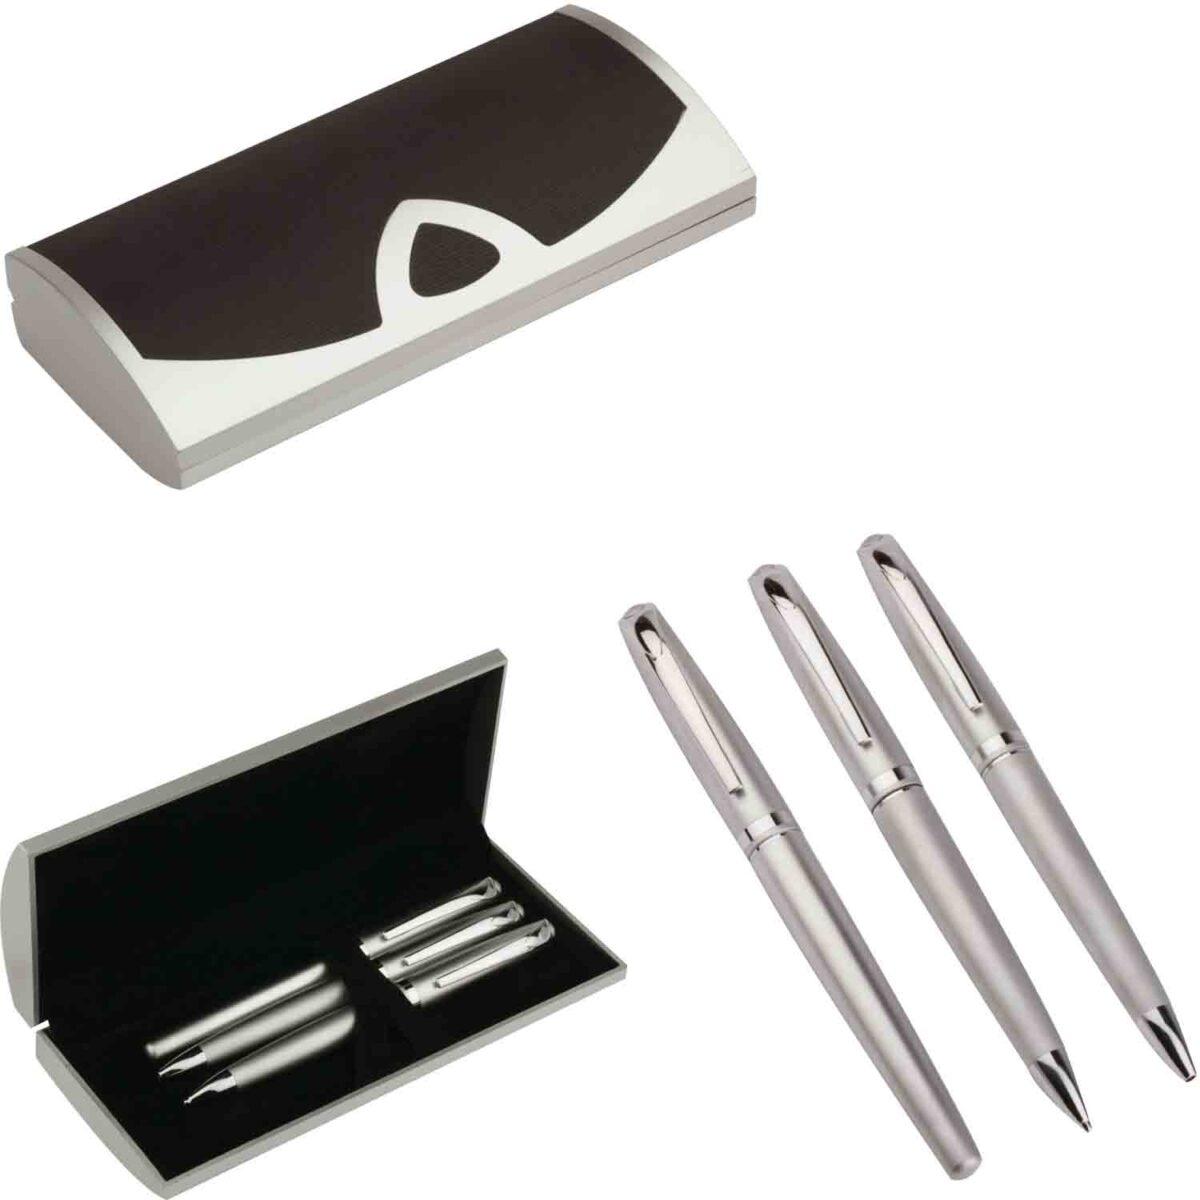 Roles & Ballpoint Pen & Pencil Set